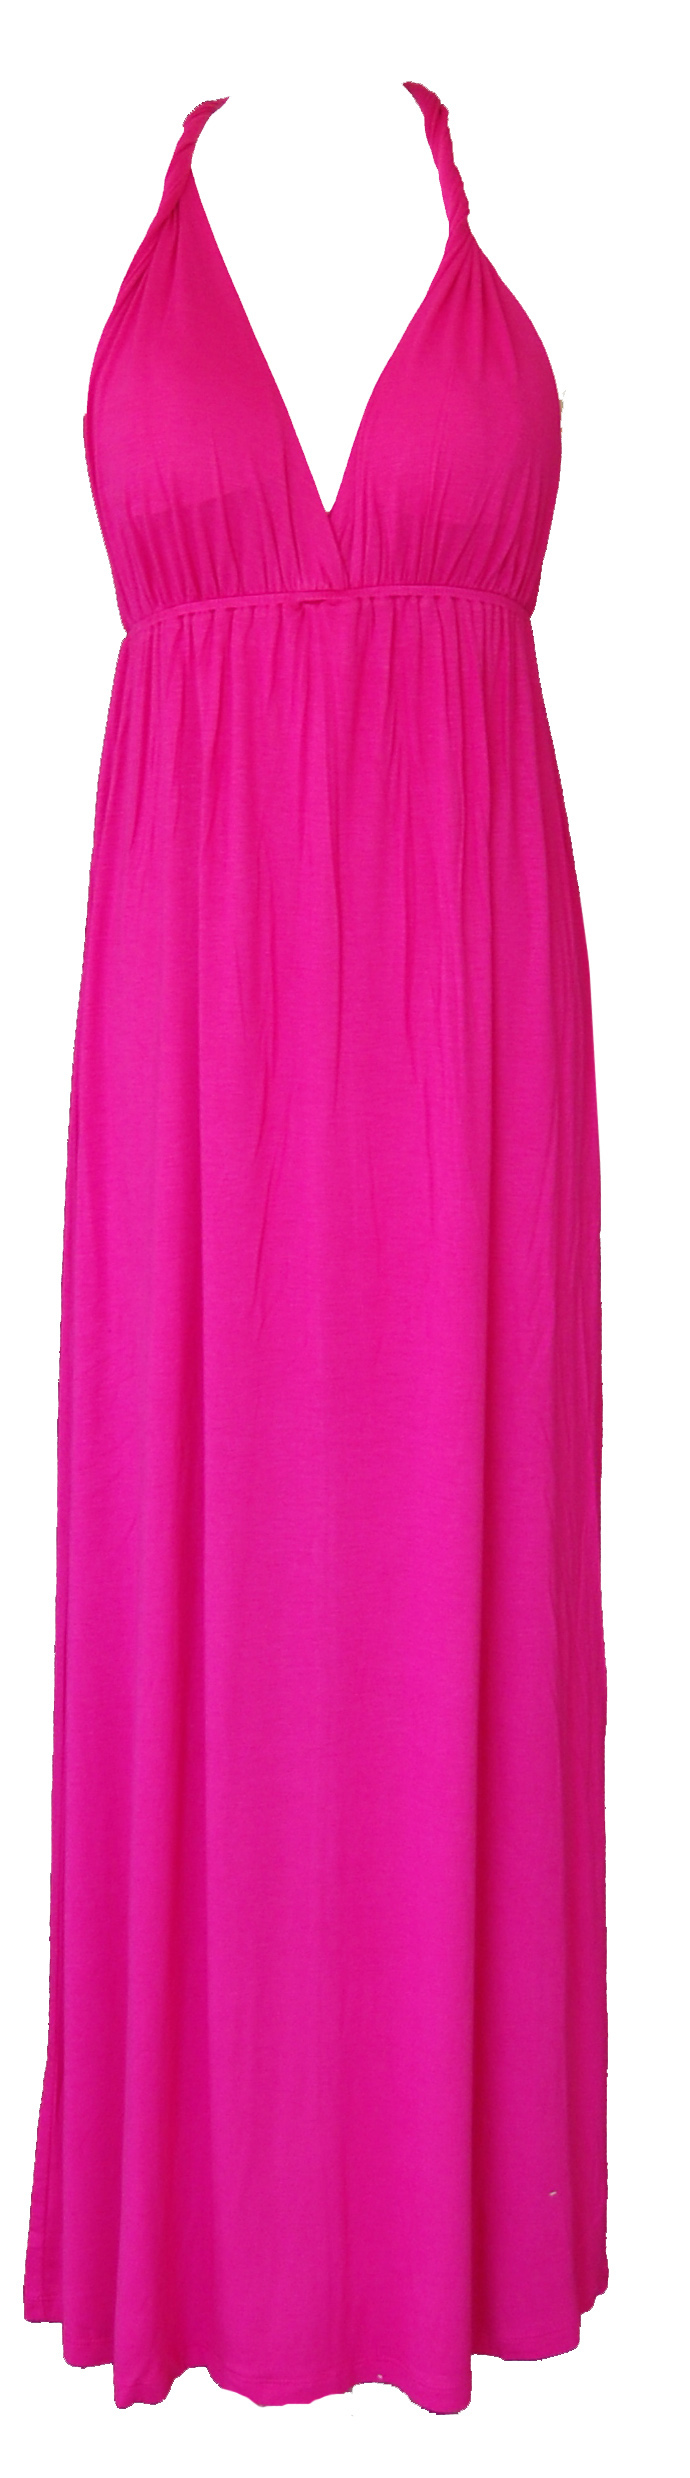 V Neck Maxi Dress Hot Pink